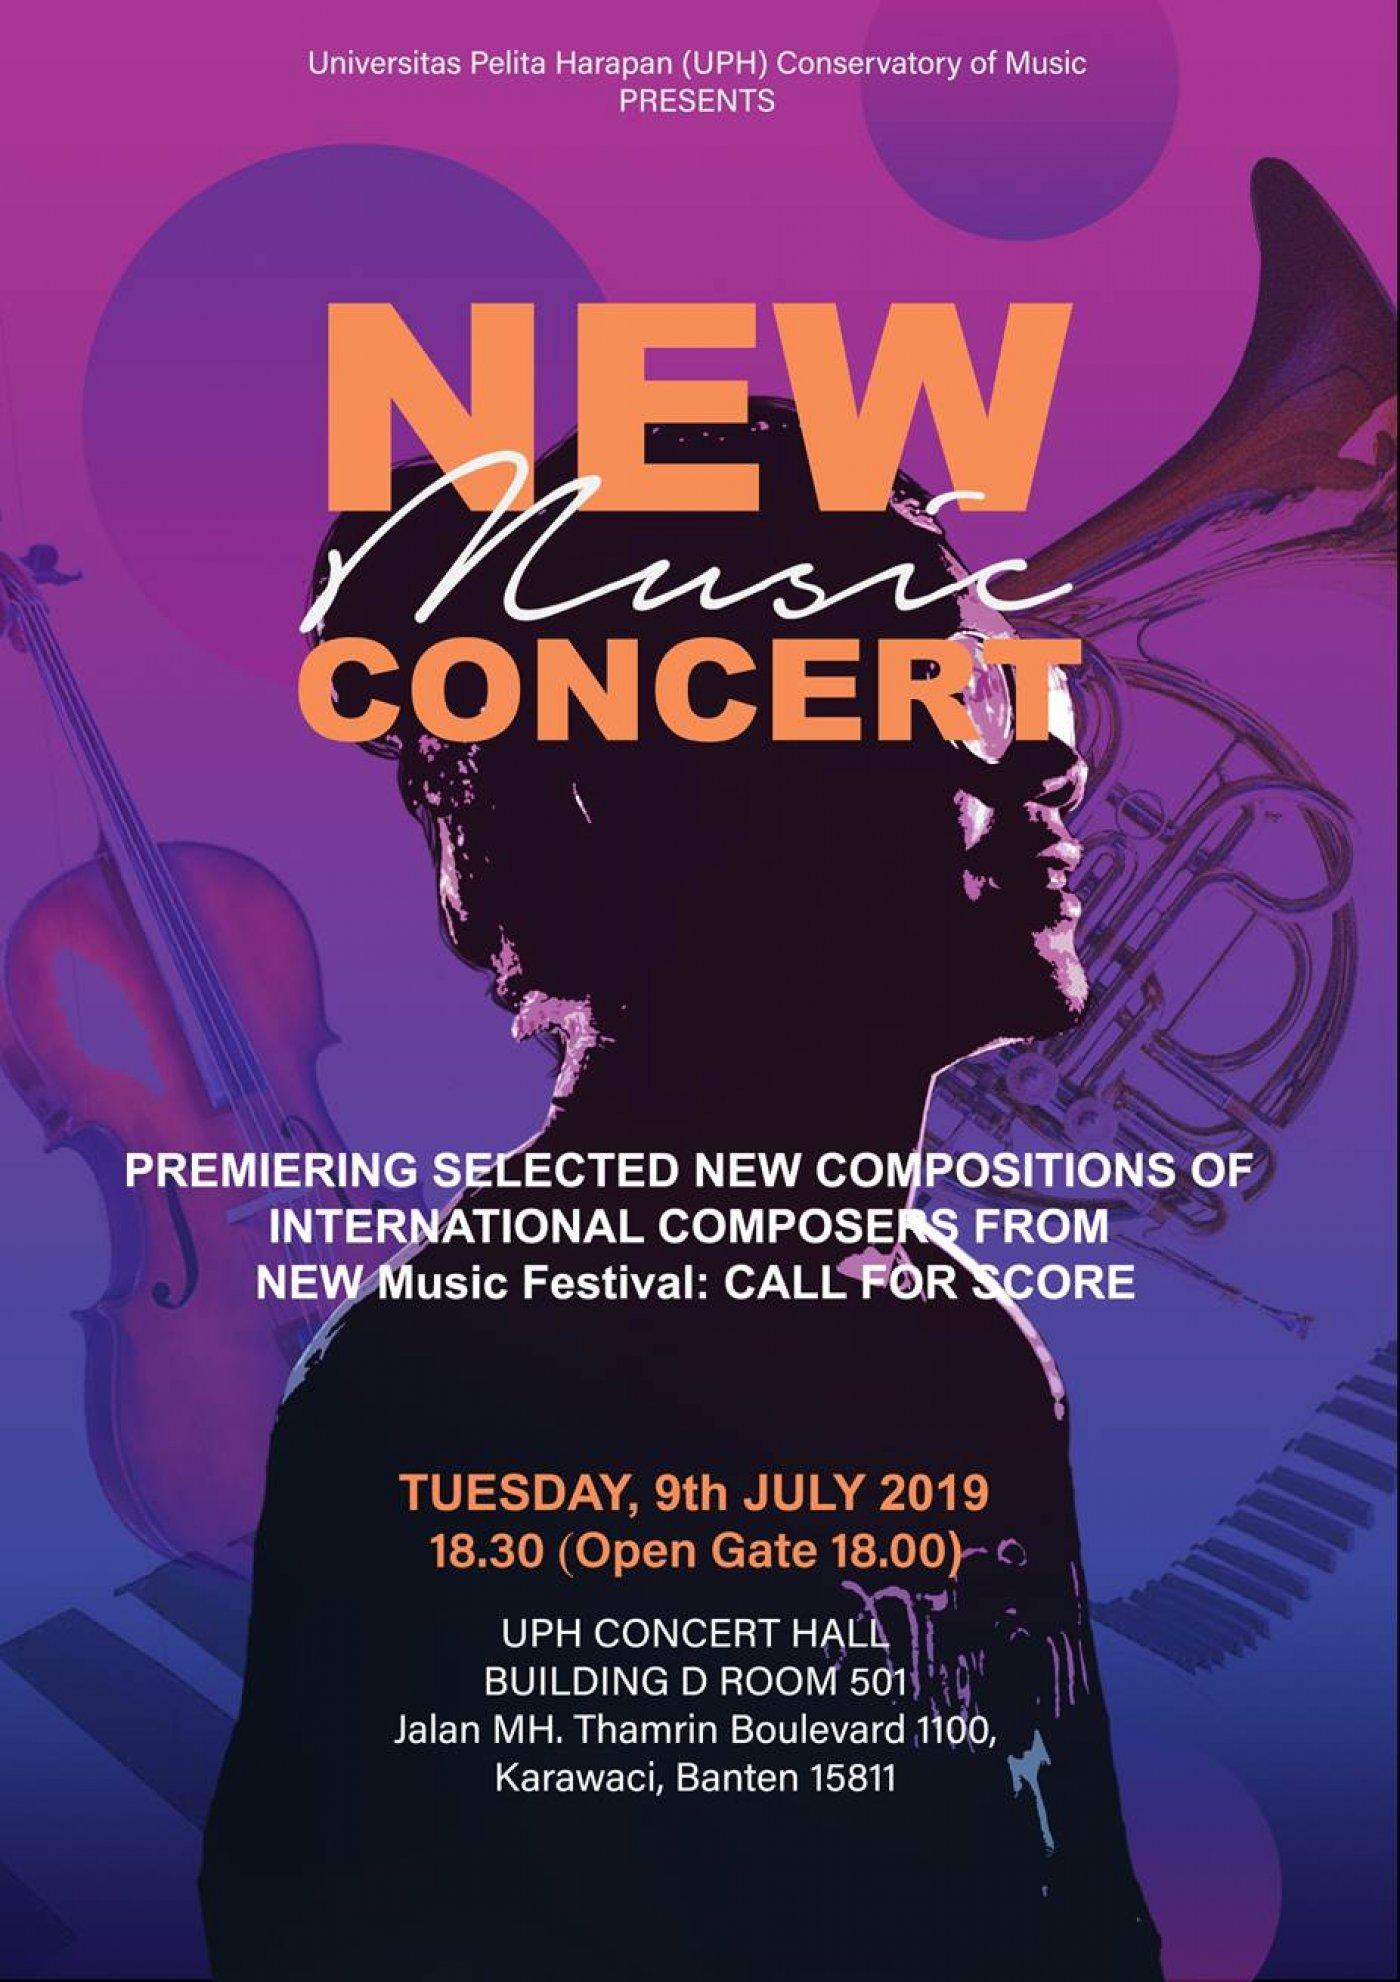 NEW MUSIC CONCERT - UPH   Universitas Pelita Harapan - UPH